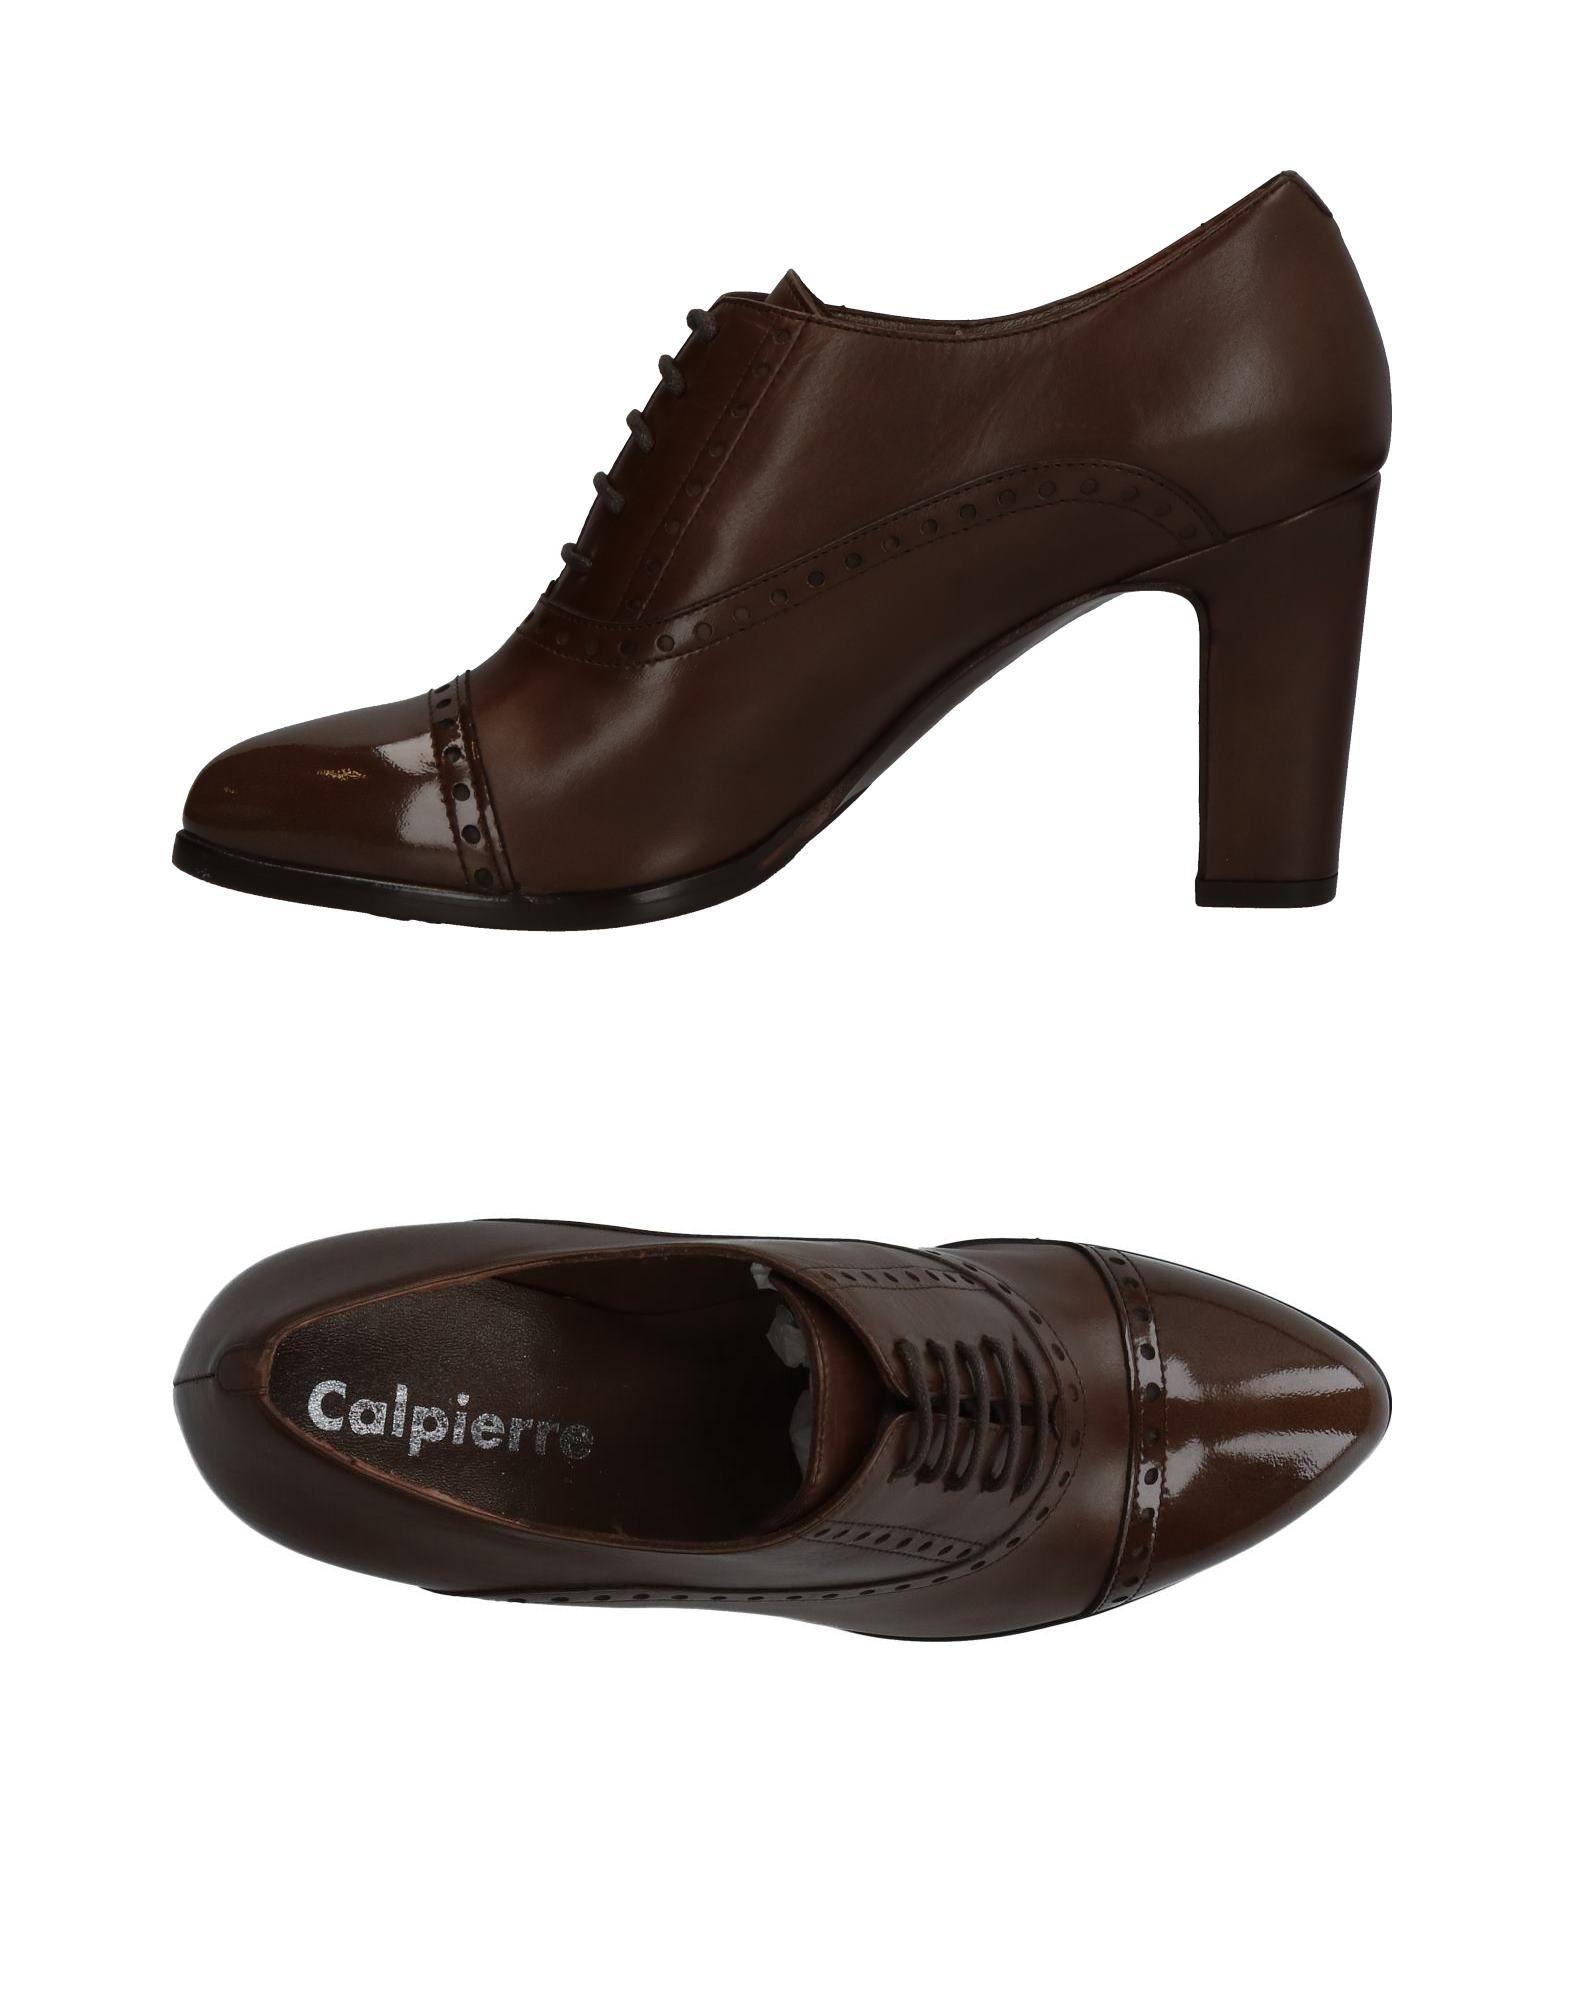 Günstige und modische Schuhe Calpierre Schnürschuhe Damen  11329013QW